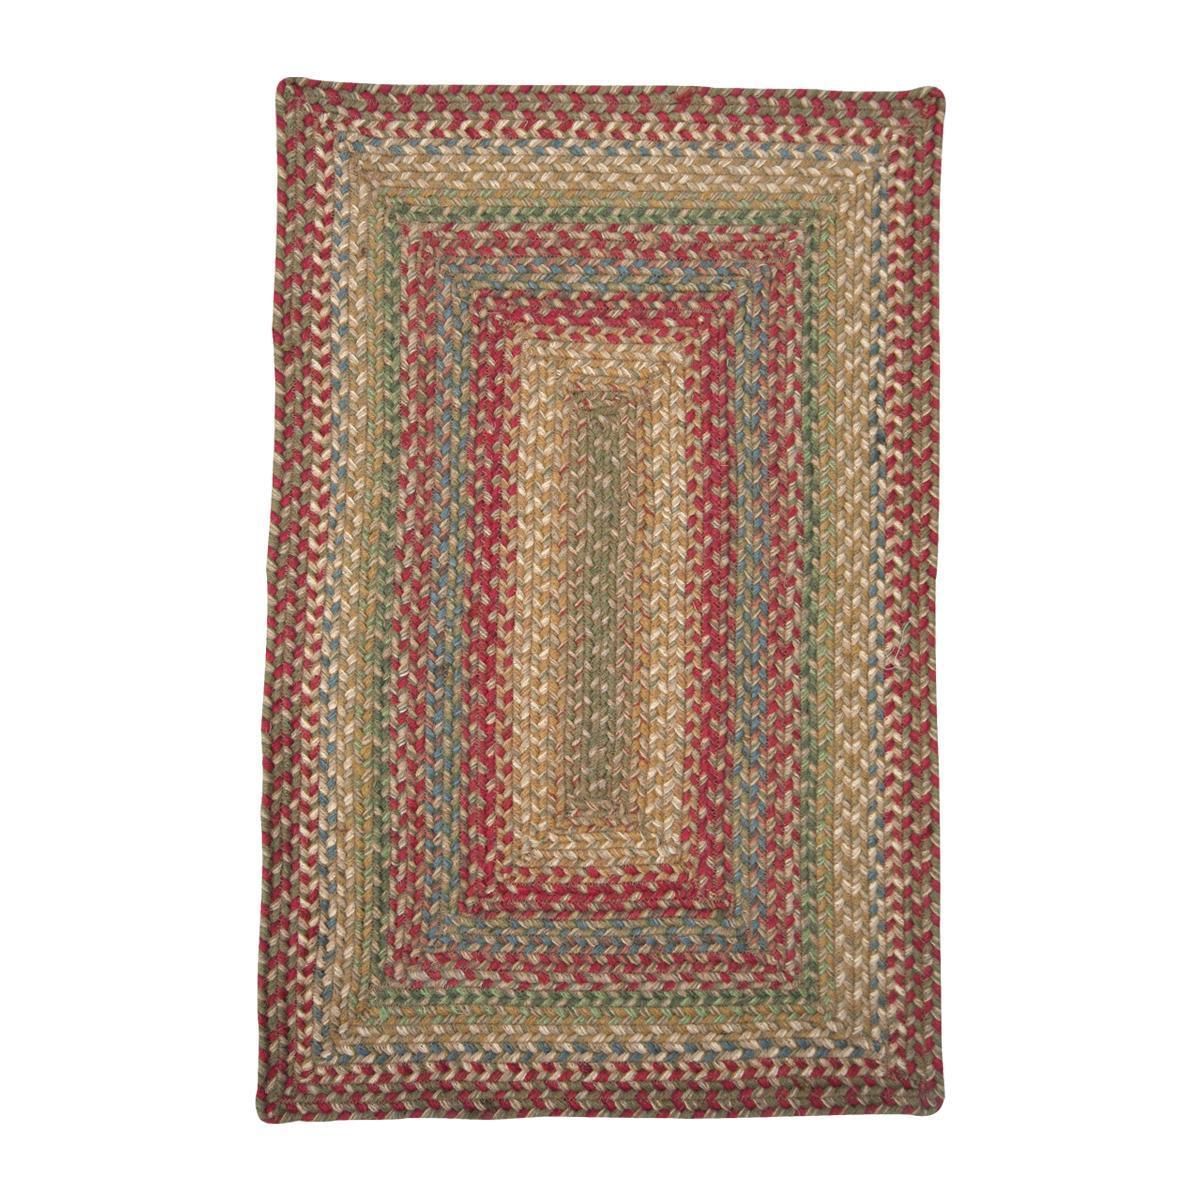 braided rugs image 1 HHKGODM